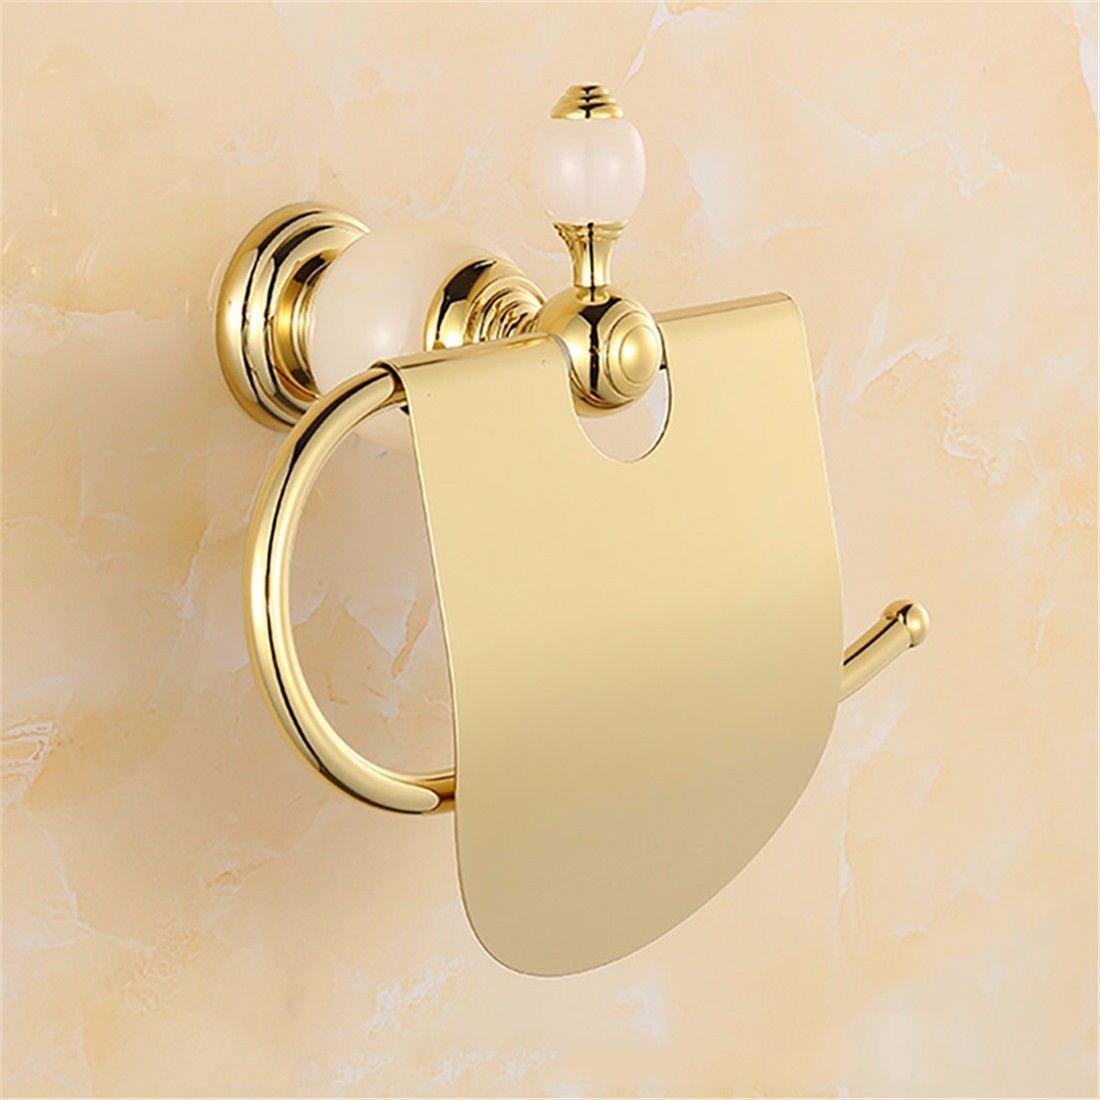 AiRobin-Accessorio per il bagno con barra portasciugamani a parete in ottone dorato decorato in ottone dorato